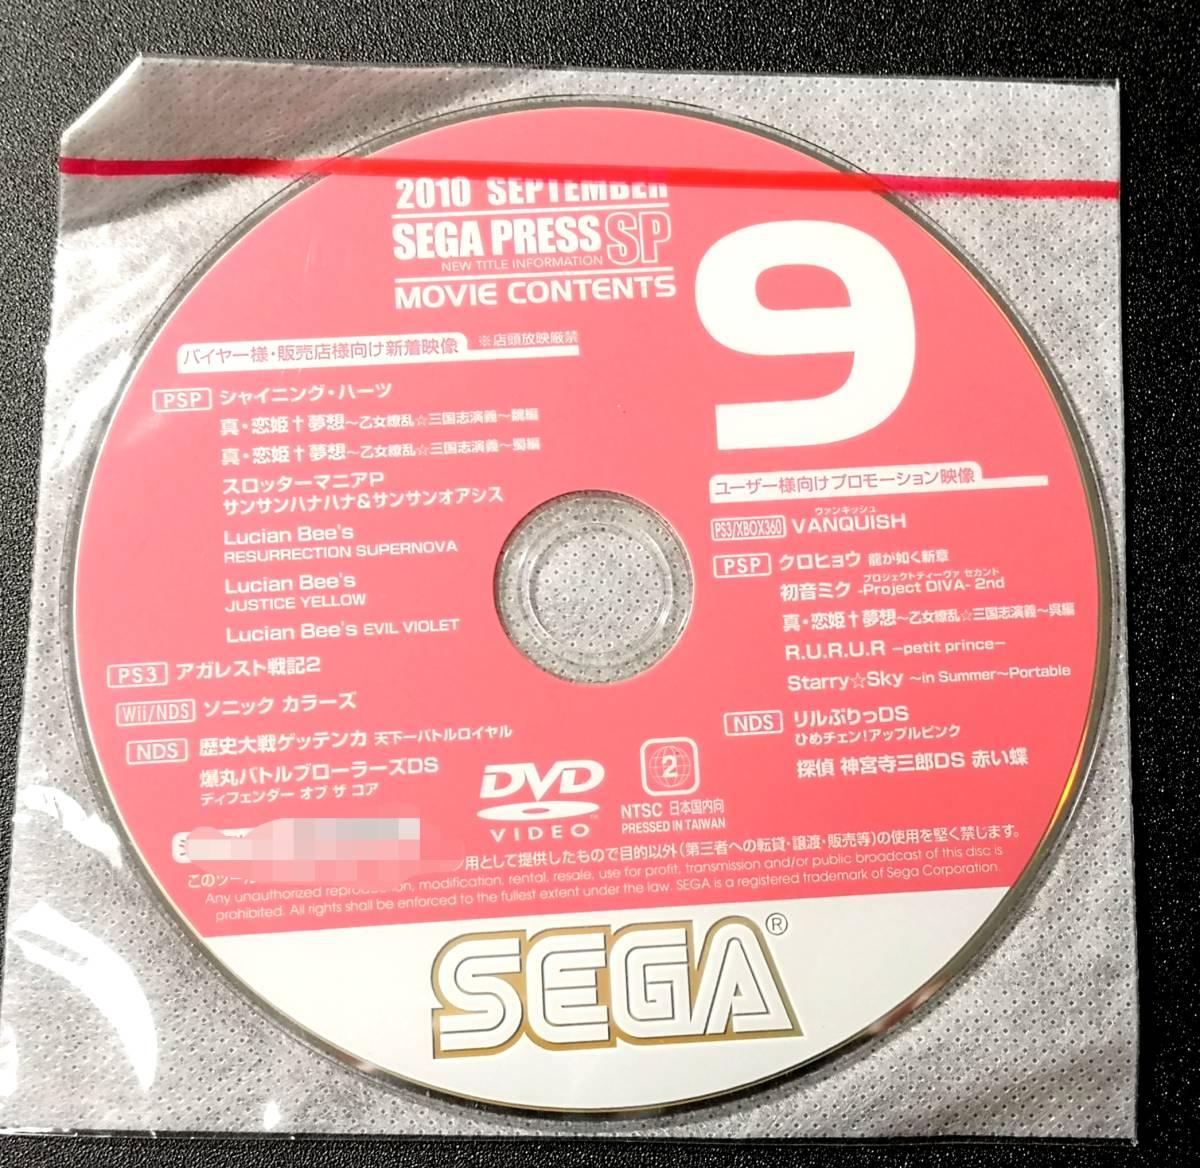 【非売品】 『セガ201009』 初音ミク・クロヒョウ・シャイニングハーツ等収録多数 プロモーションDVD 同梱歓迎_画像1